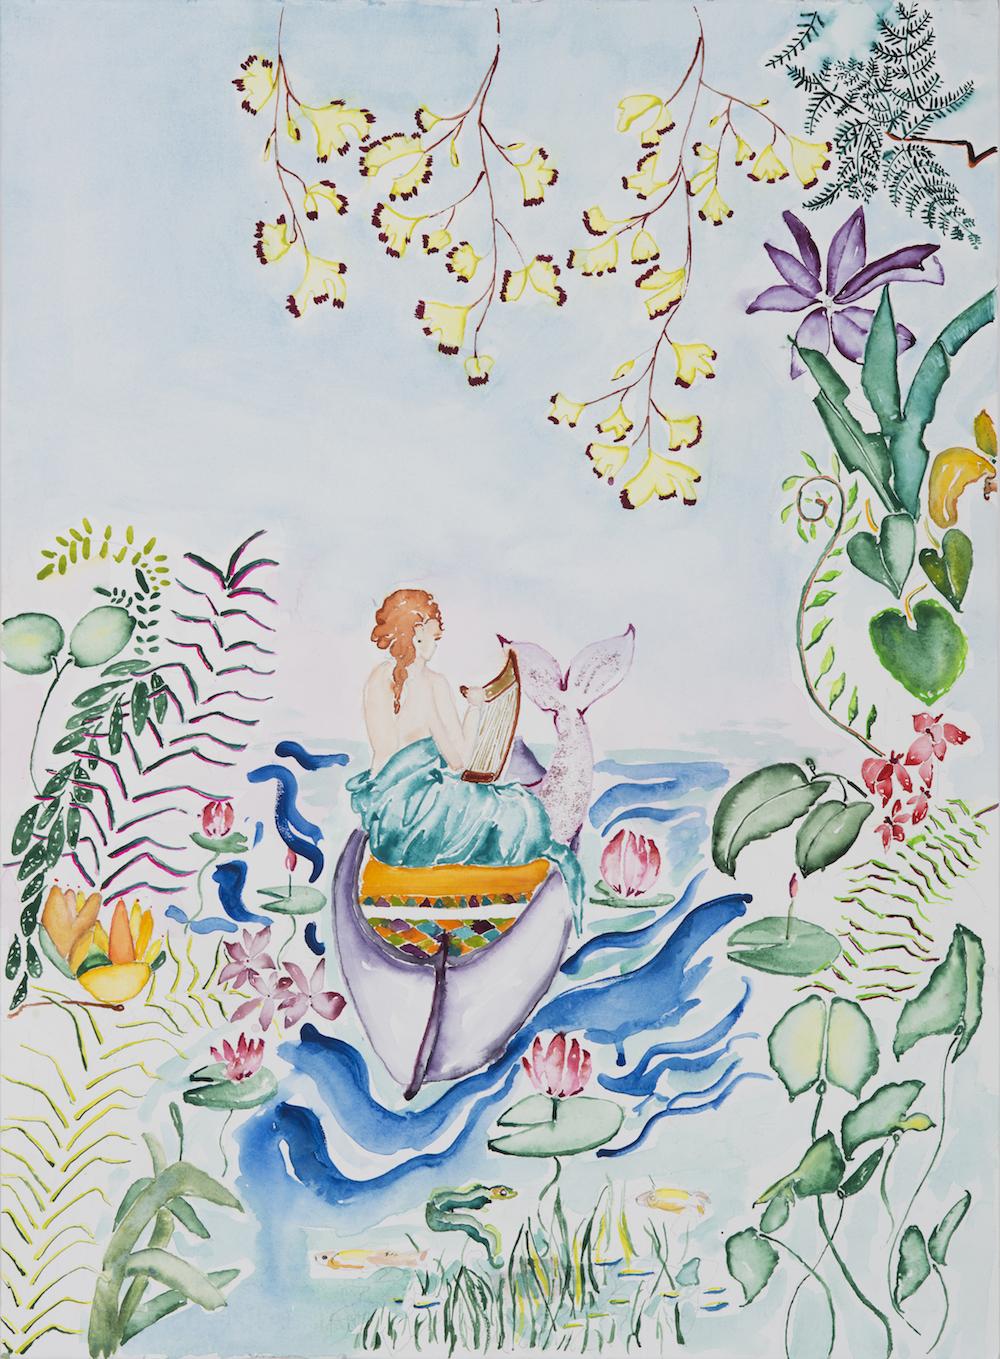 The Mermaid's Song